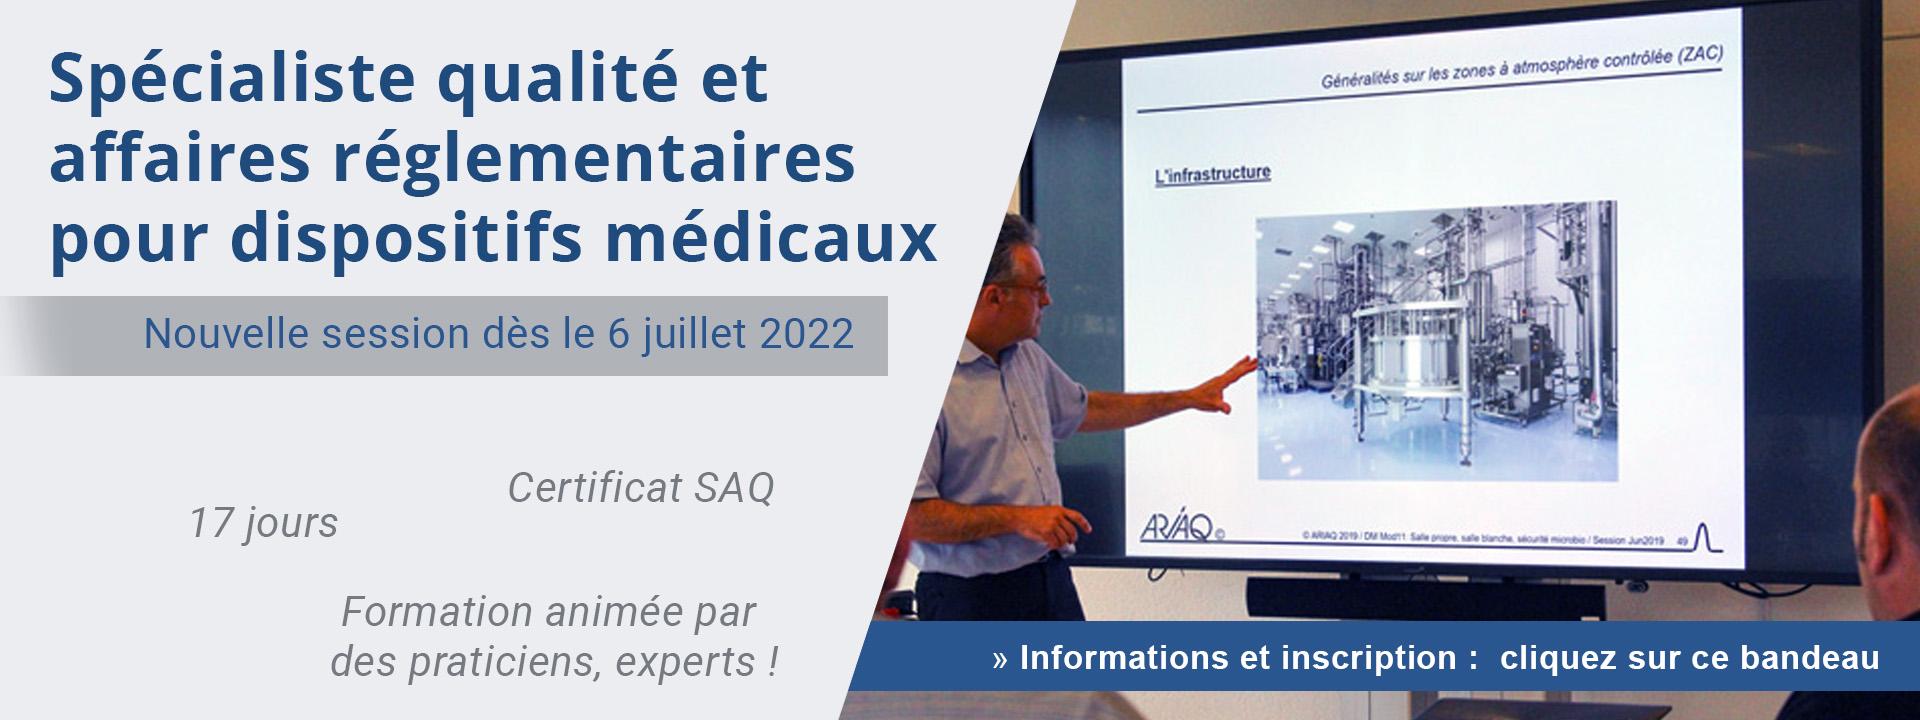 Spécialiste qualité et affaires réglementaires pour dispositifs médicaux